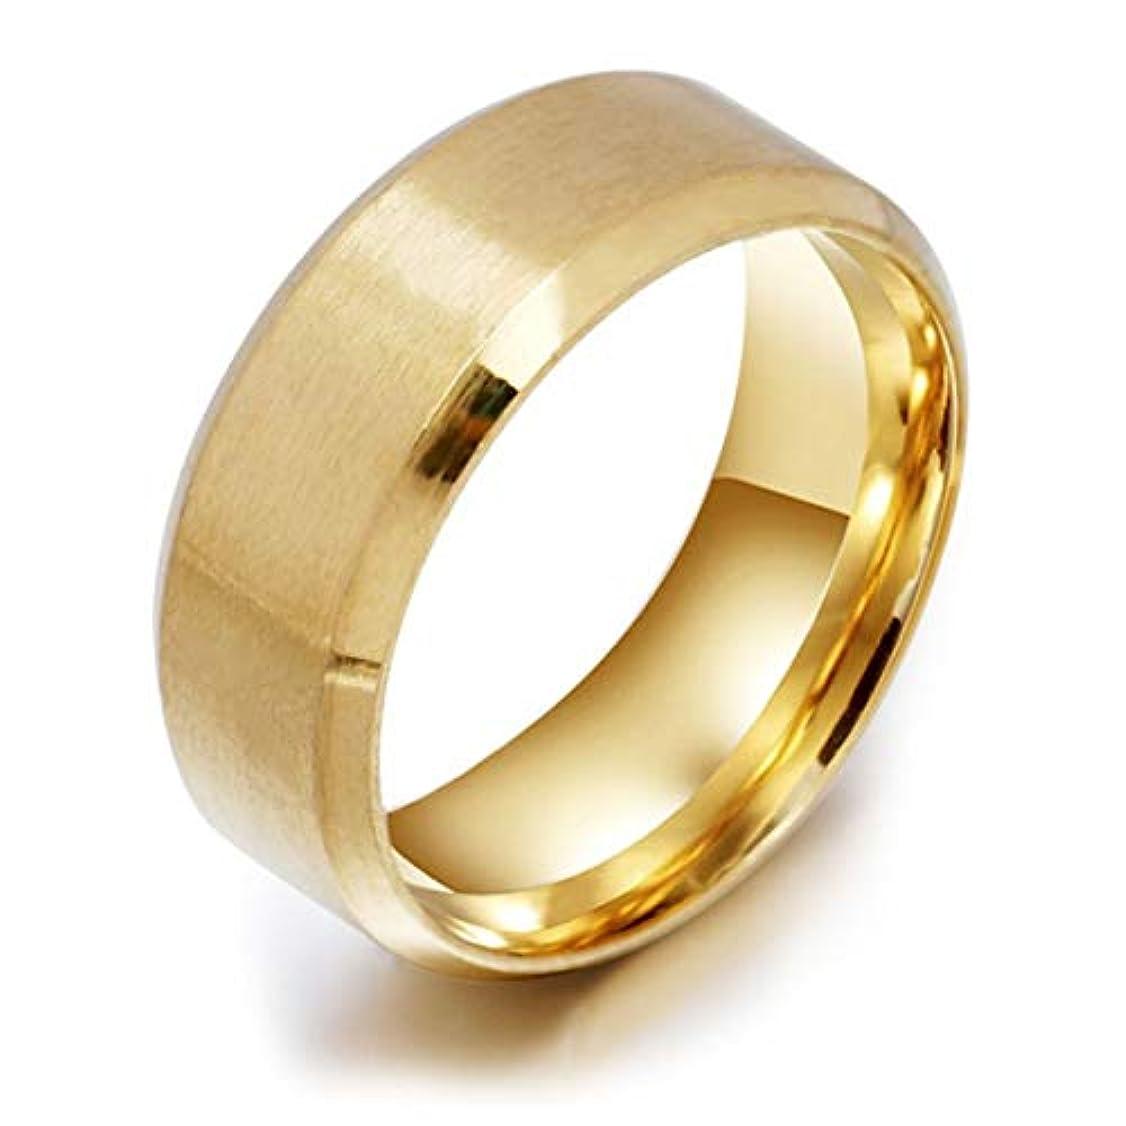 ブラスト免除どうやってステンレス鋼の医療指リング磁気減量リング男性のための高いポーランドのファッションジュエリー女性リング-ゴールド10